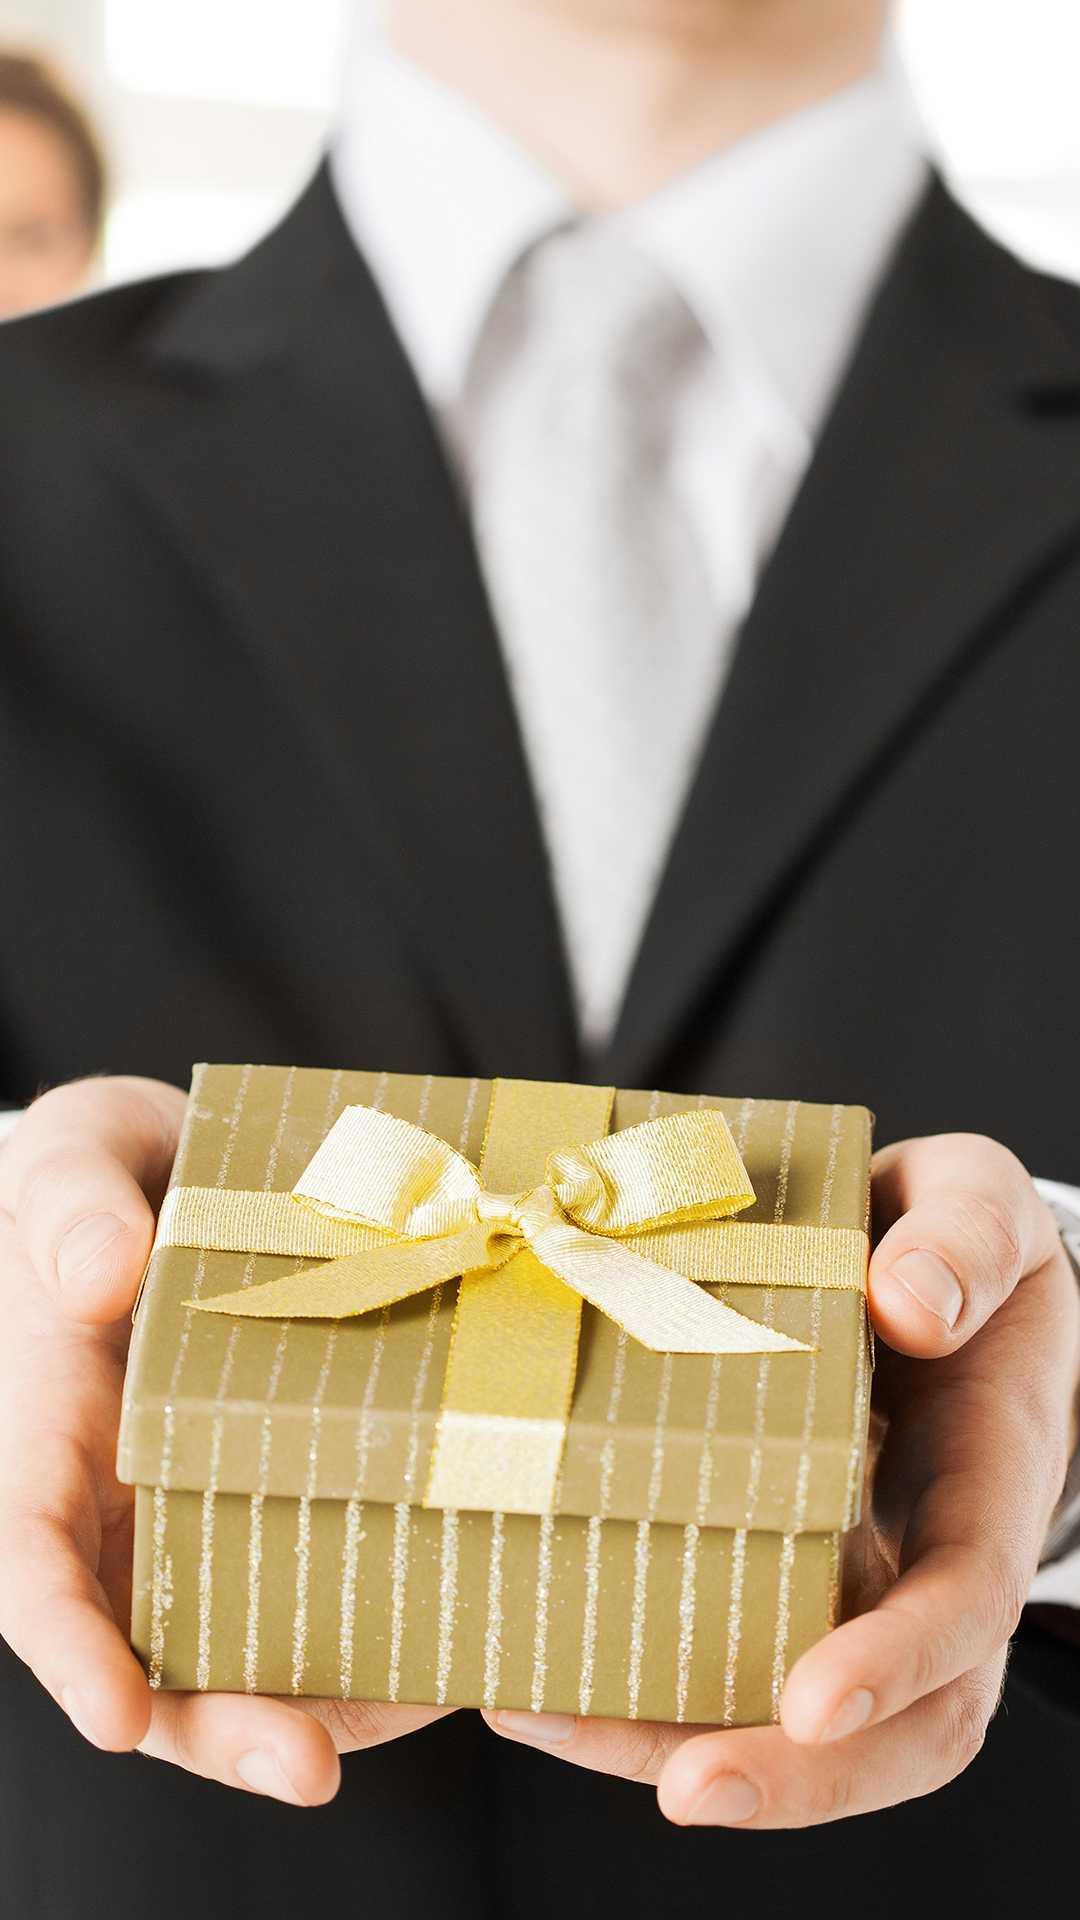 Что подарить начальнику мужчине на день рождения от коллектива